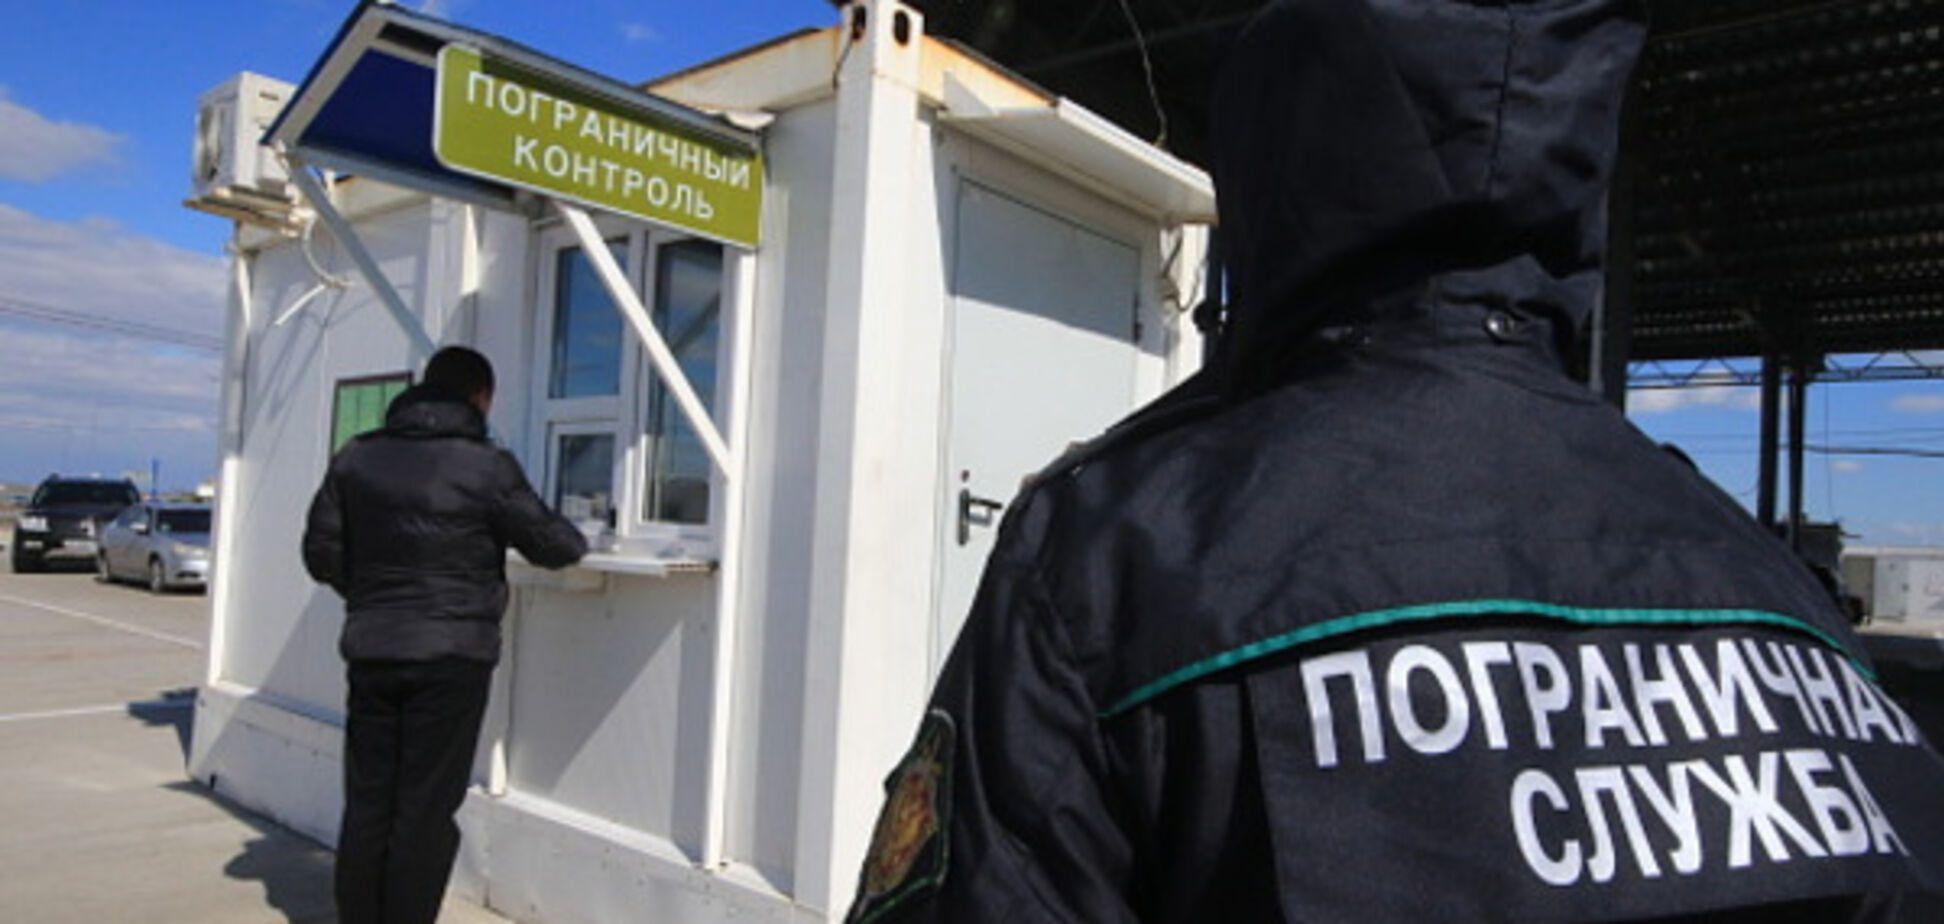 Прикордонна служба РФ